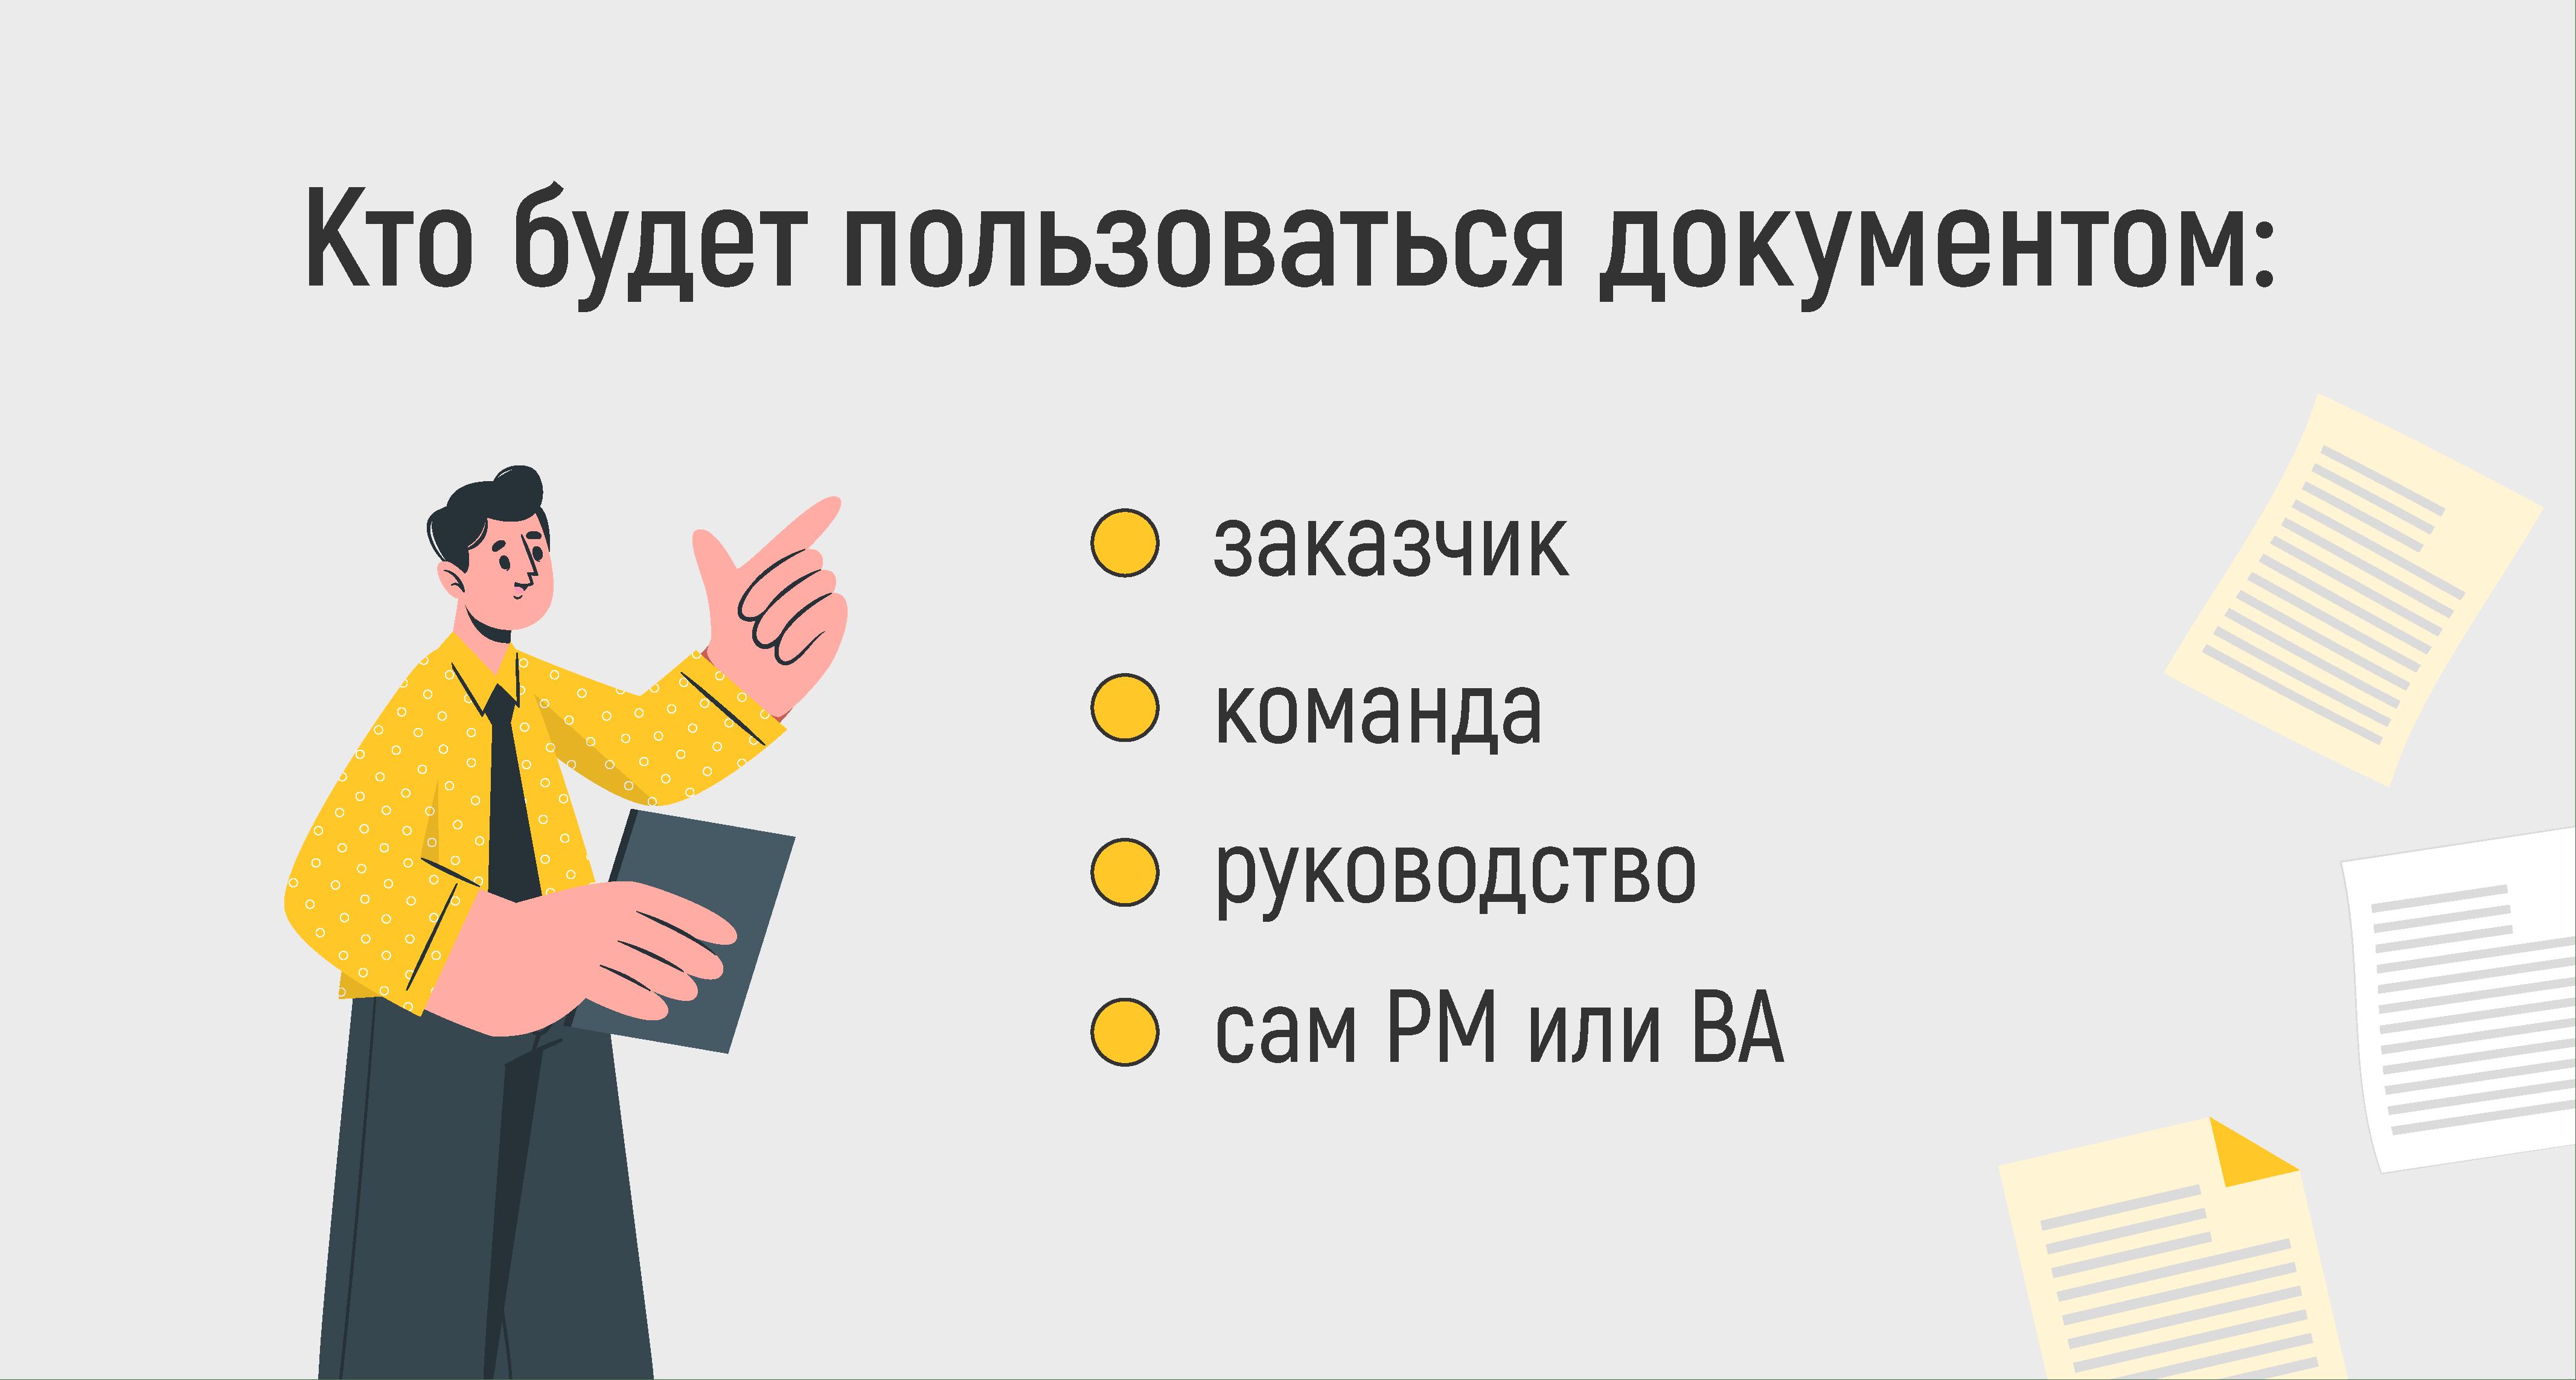 Документация PM-а 2